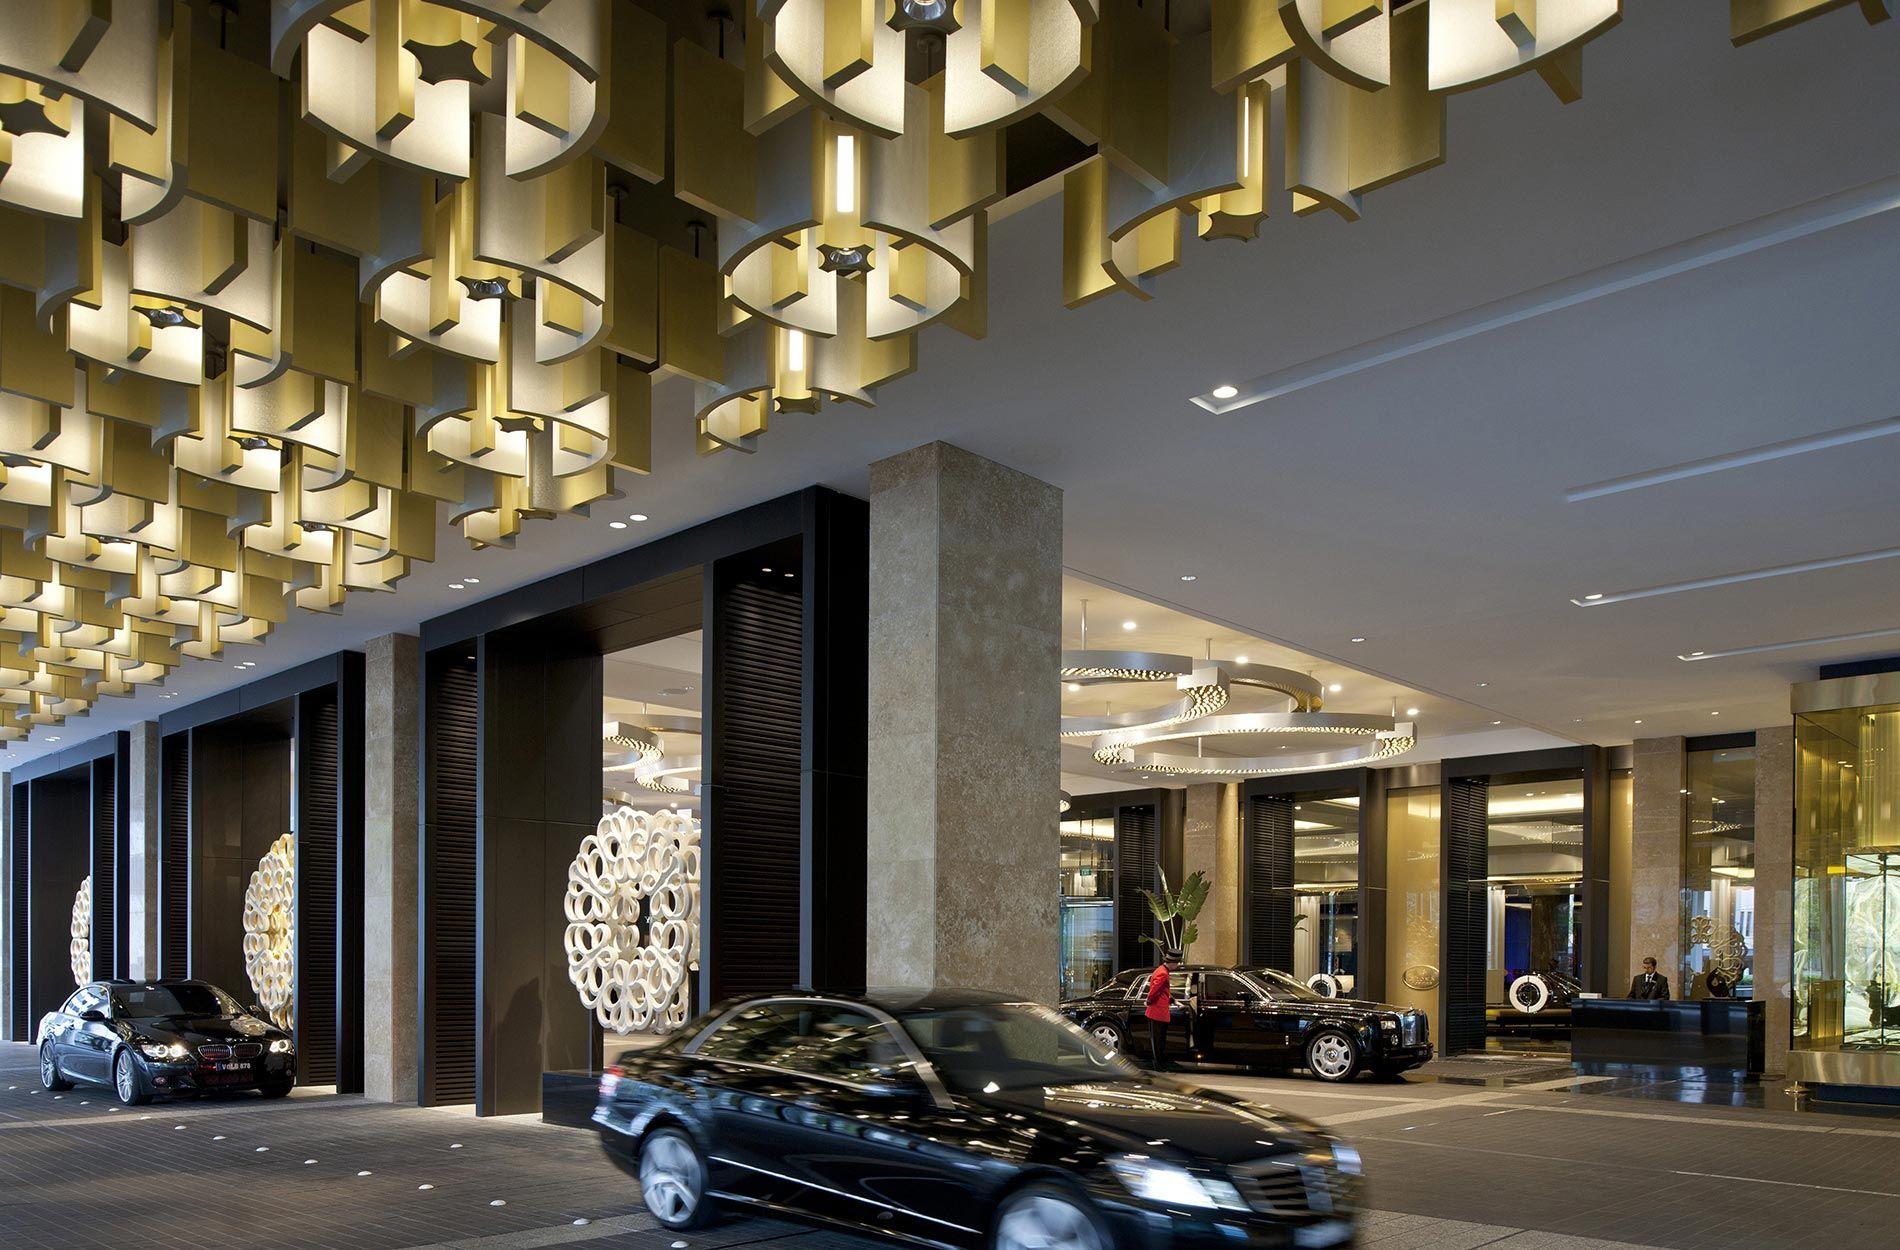 Hotel Entrance Porte Cochere